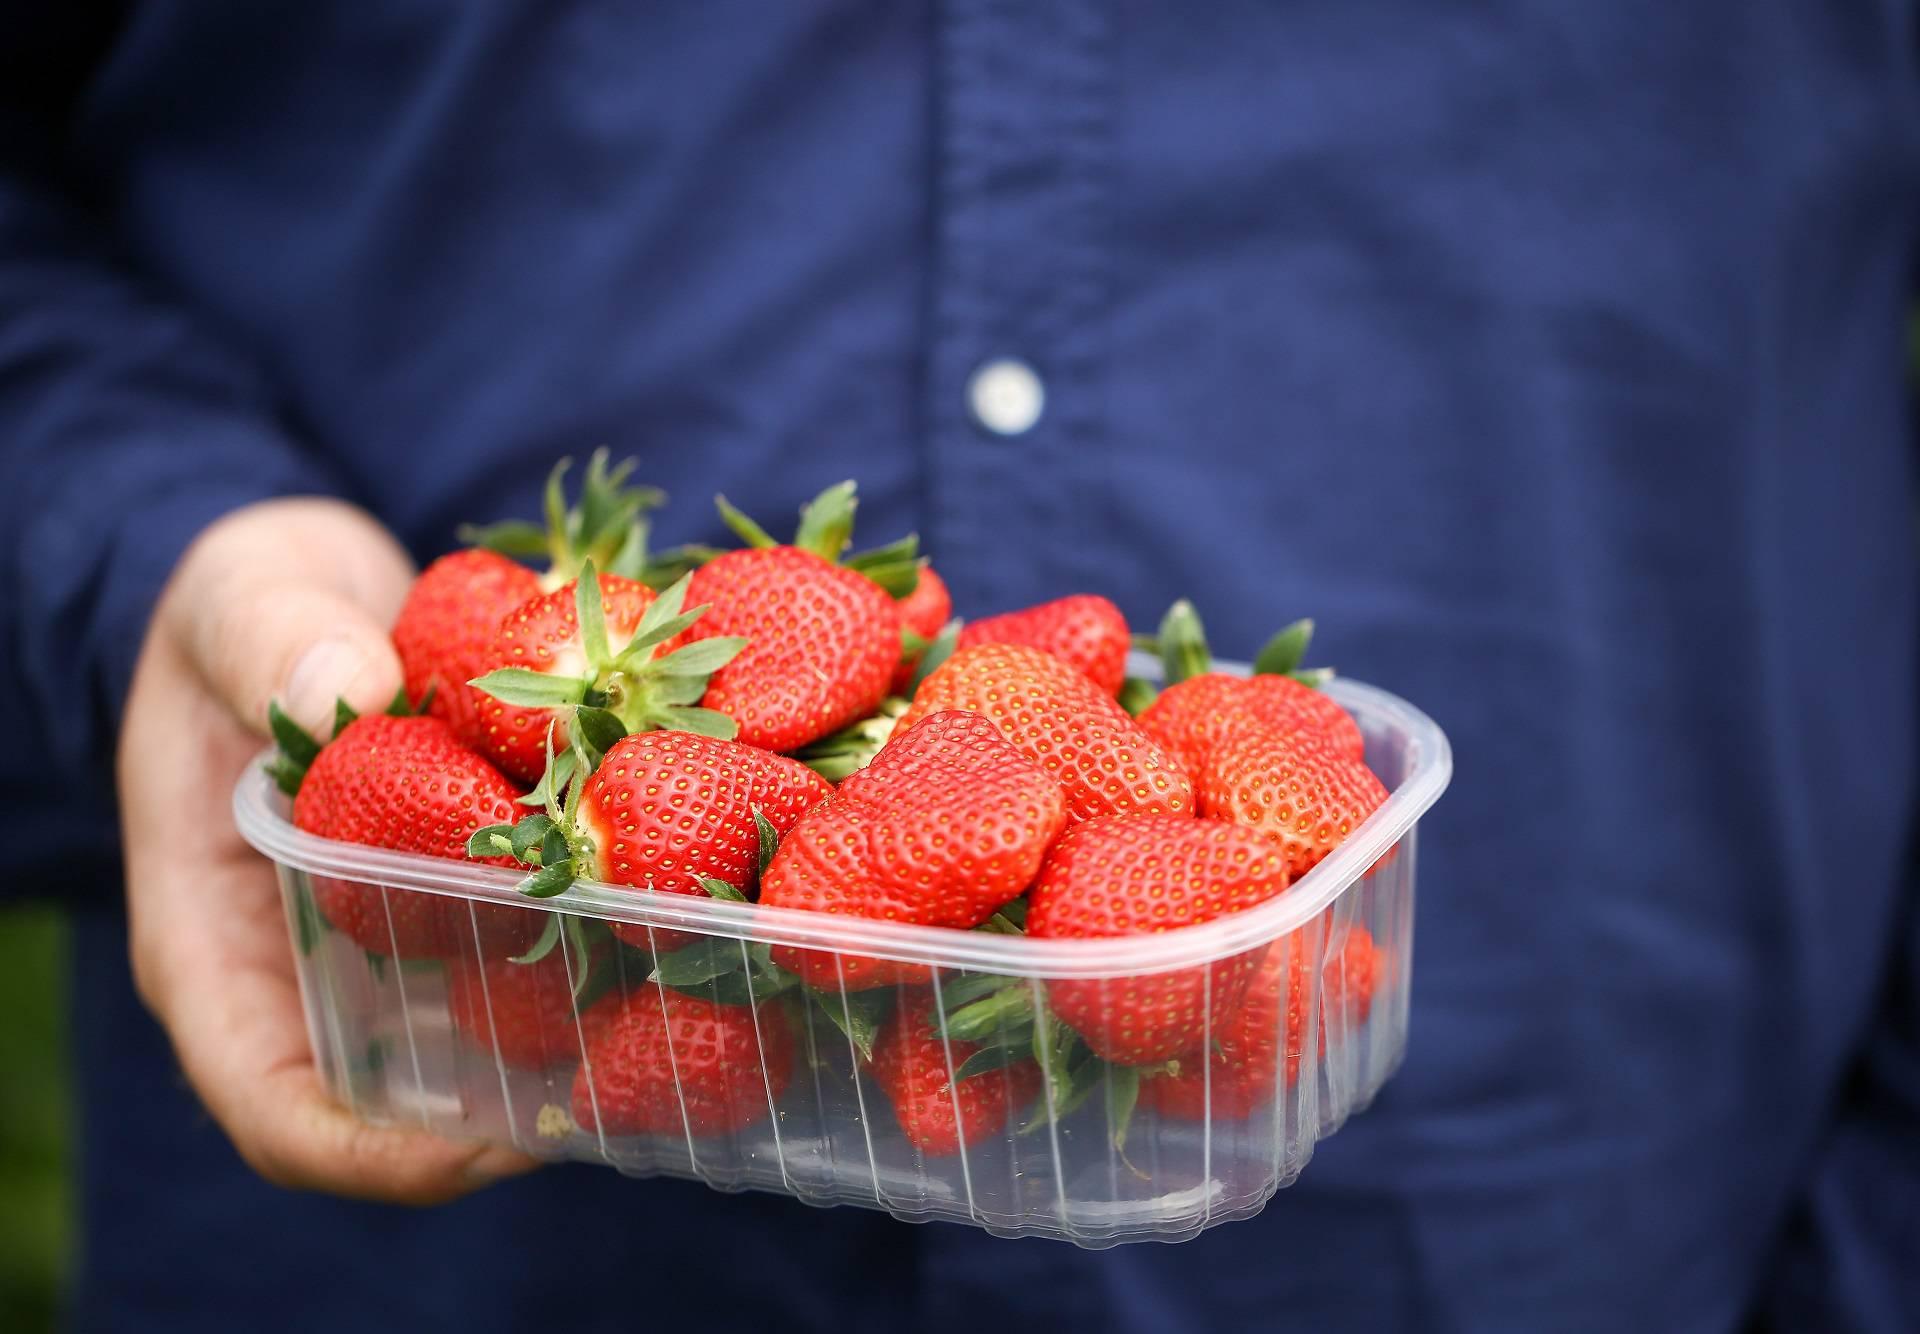 Top savjeti kako izabrati dobre jagode na tržnici ili u trgovini